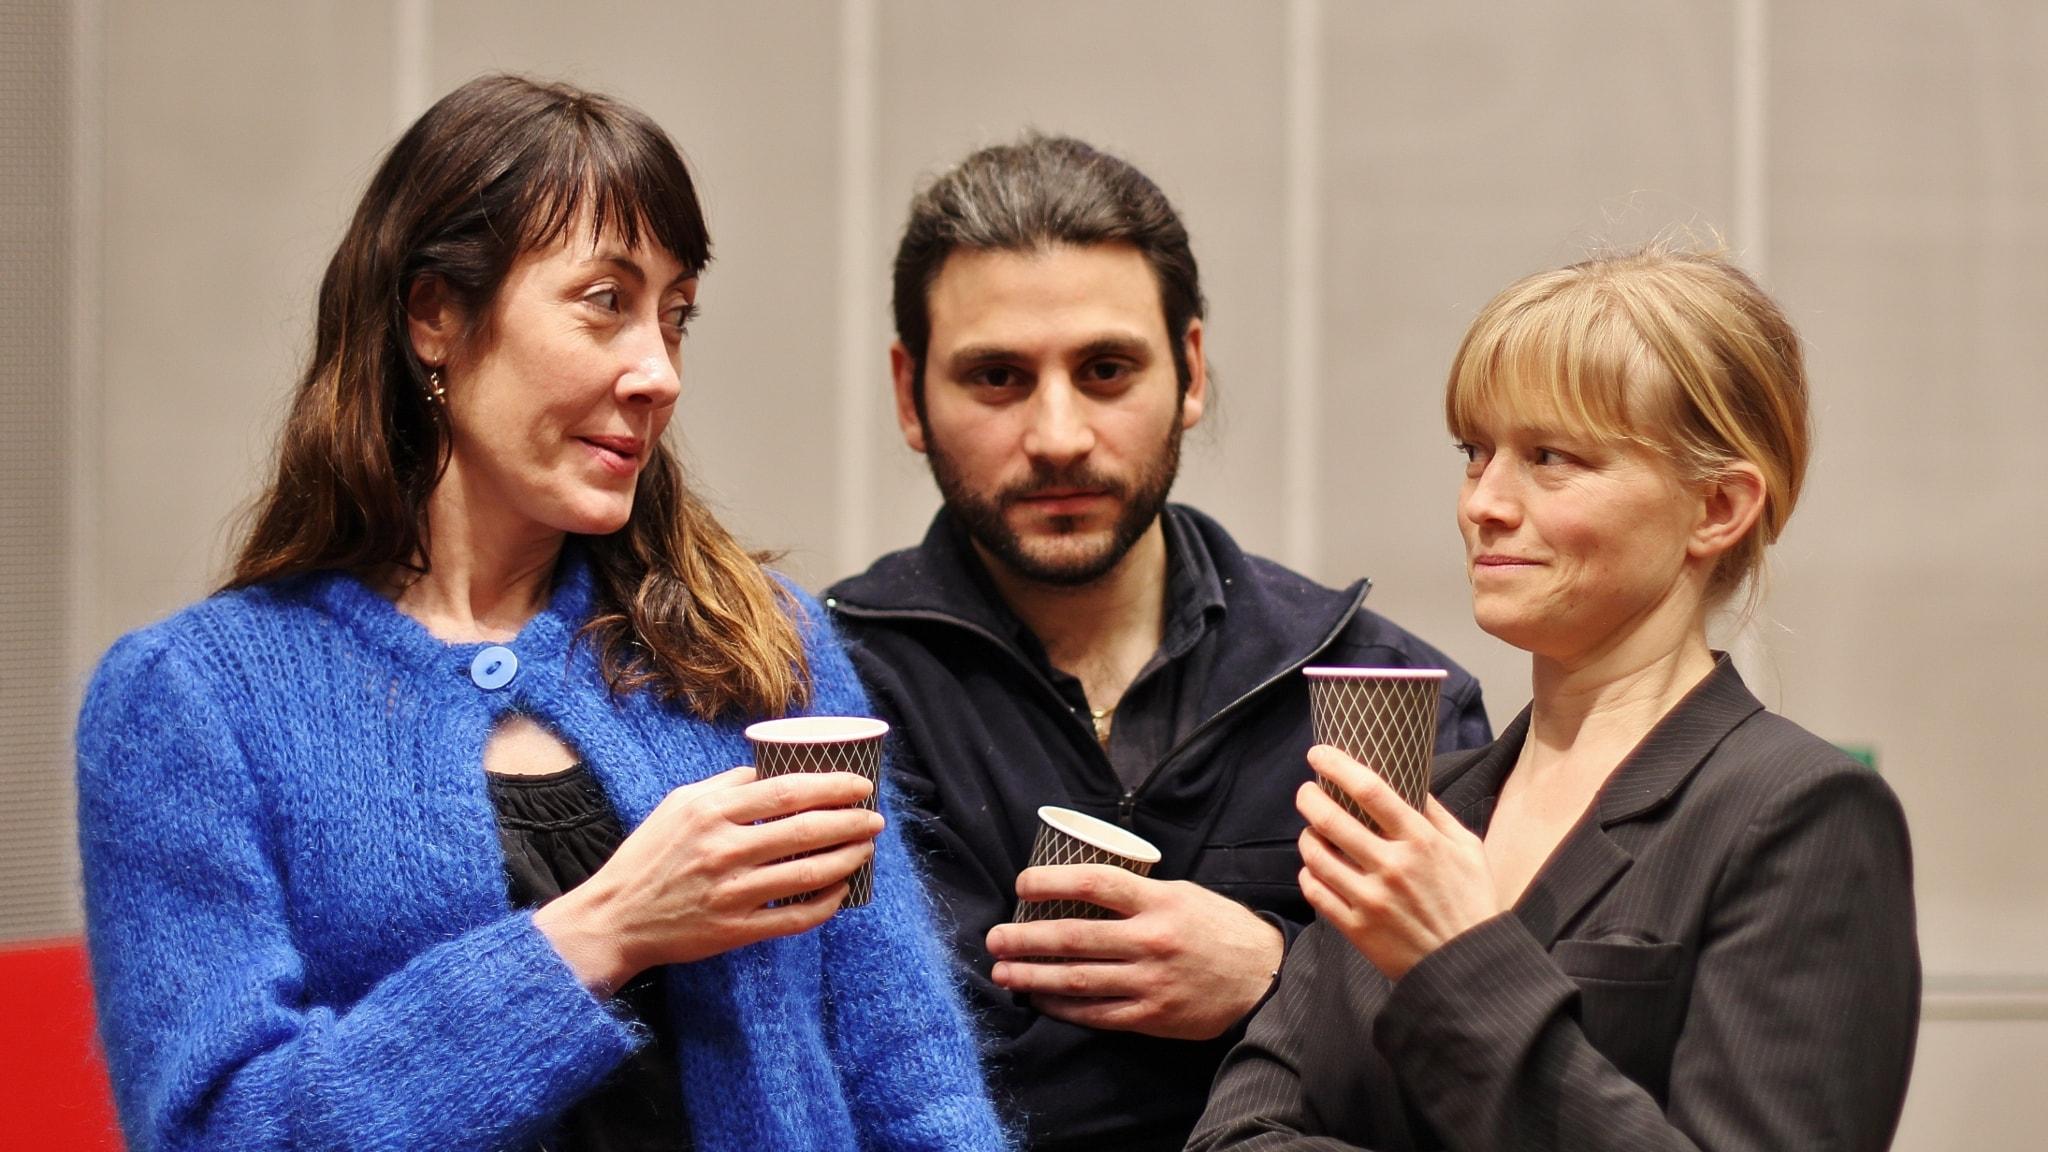 Möjliga samtal: Vem är det som bjuder på fika? av Daniel Boyacioglu